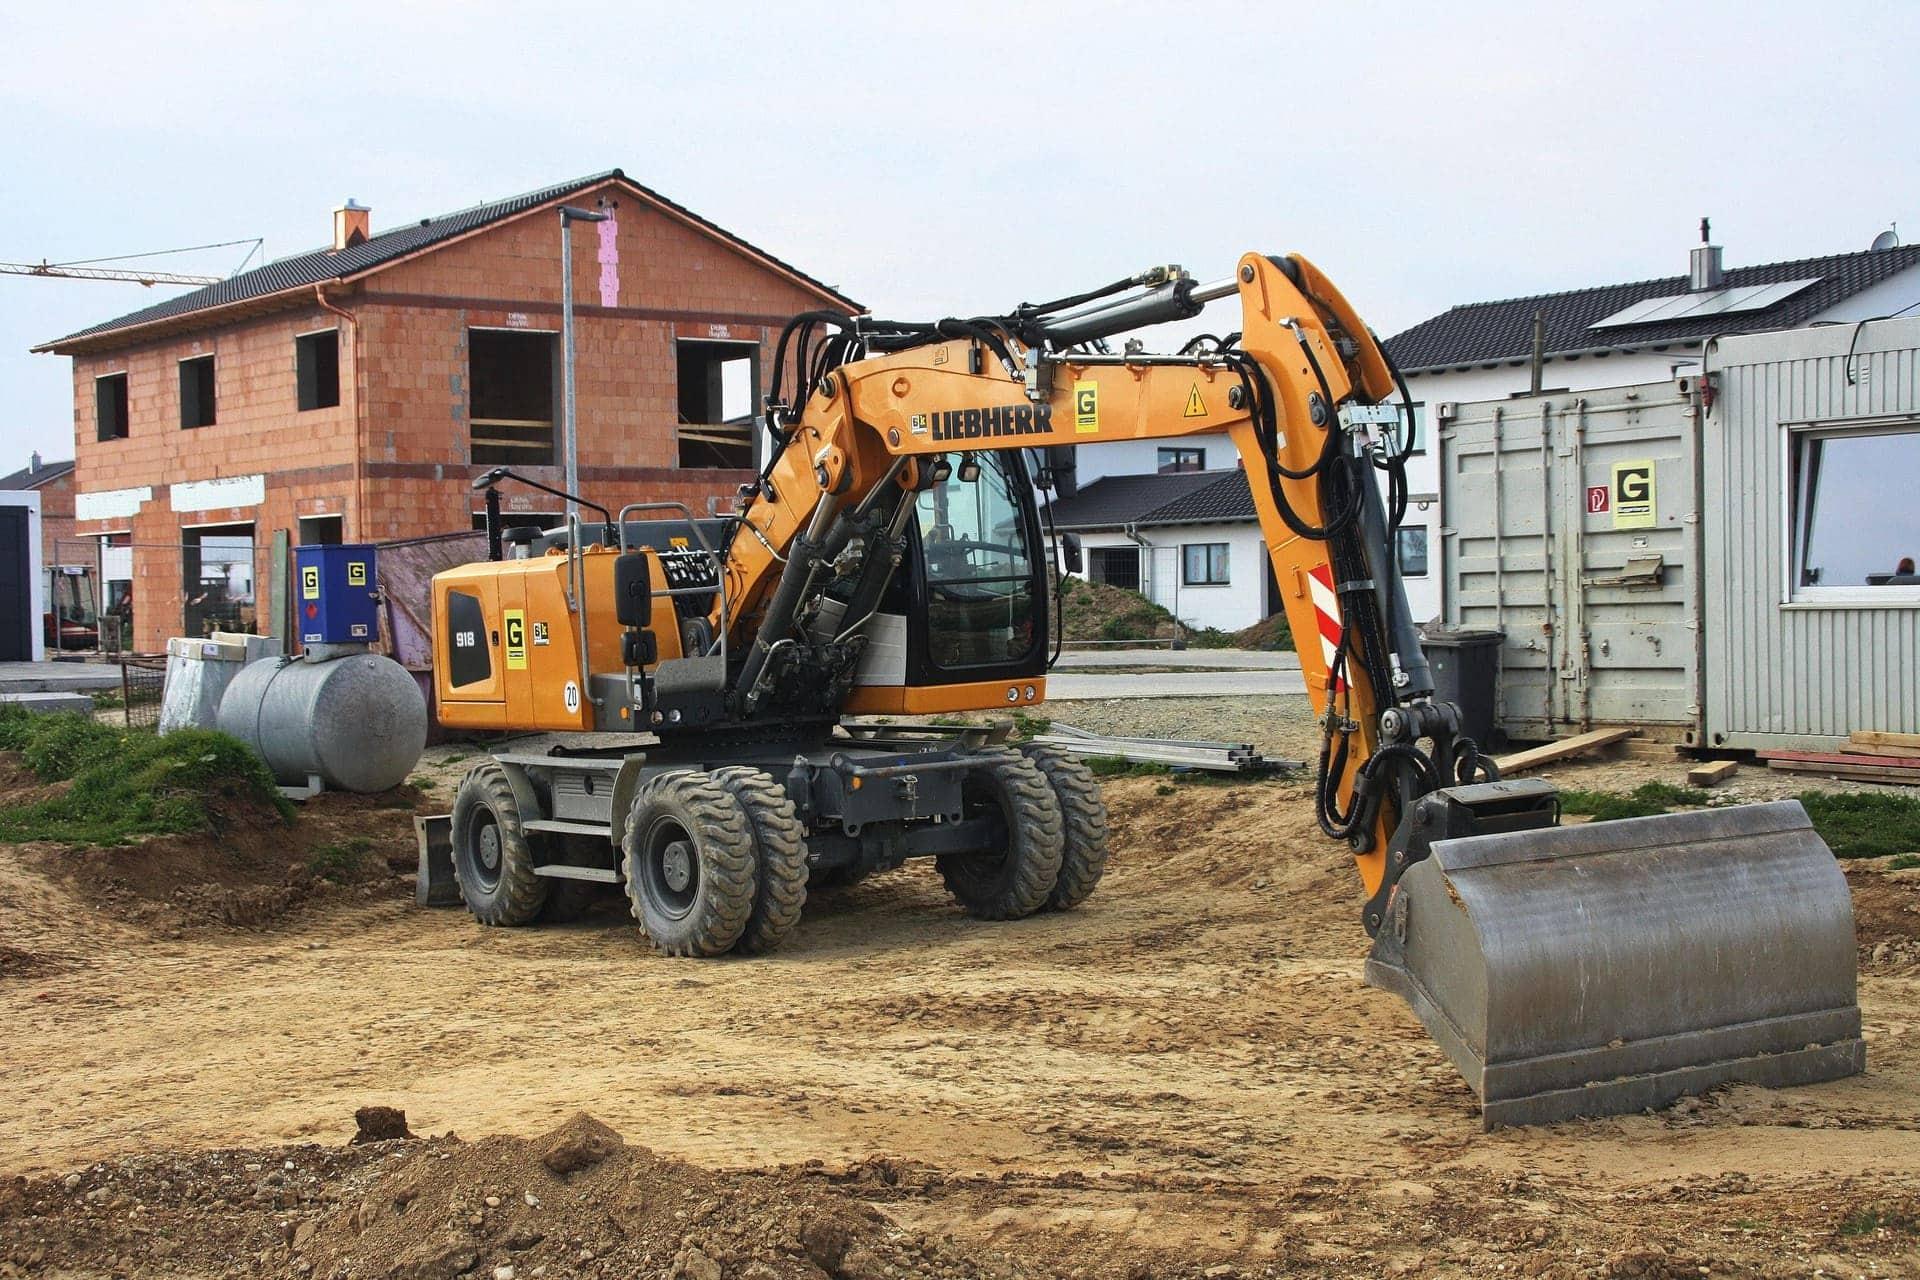 Landkreis genehmigte 2018 den Bau von 1.261 neuen Einheiten Wohnungsbau im Landkreis 2018